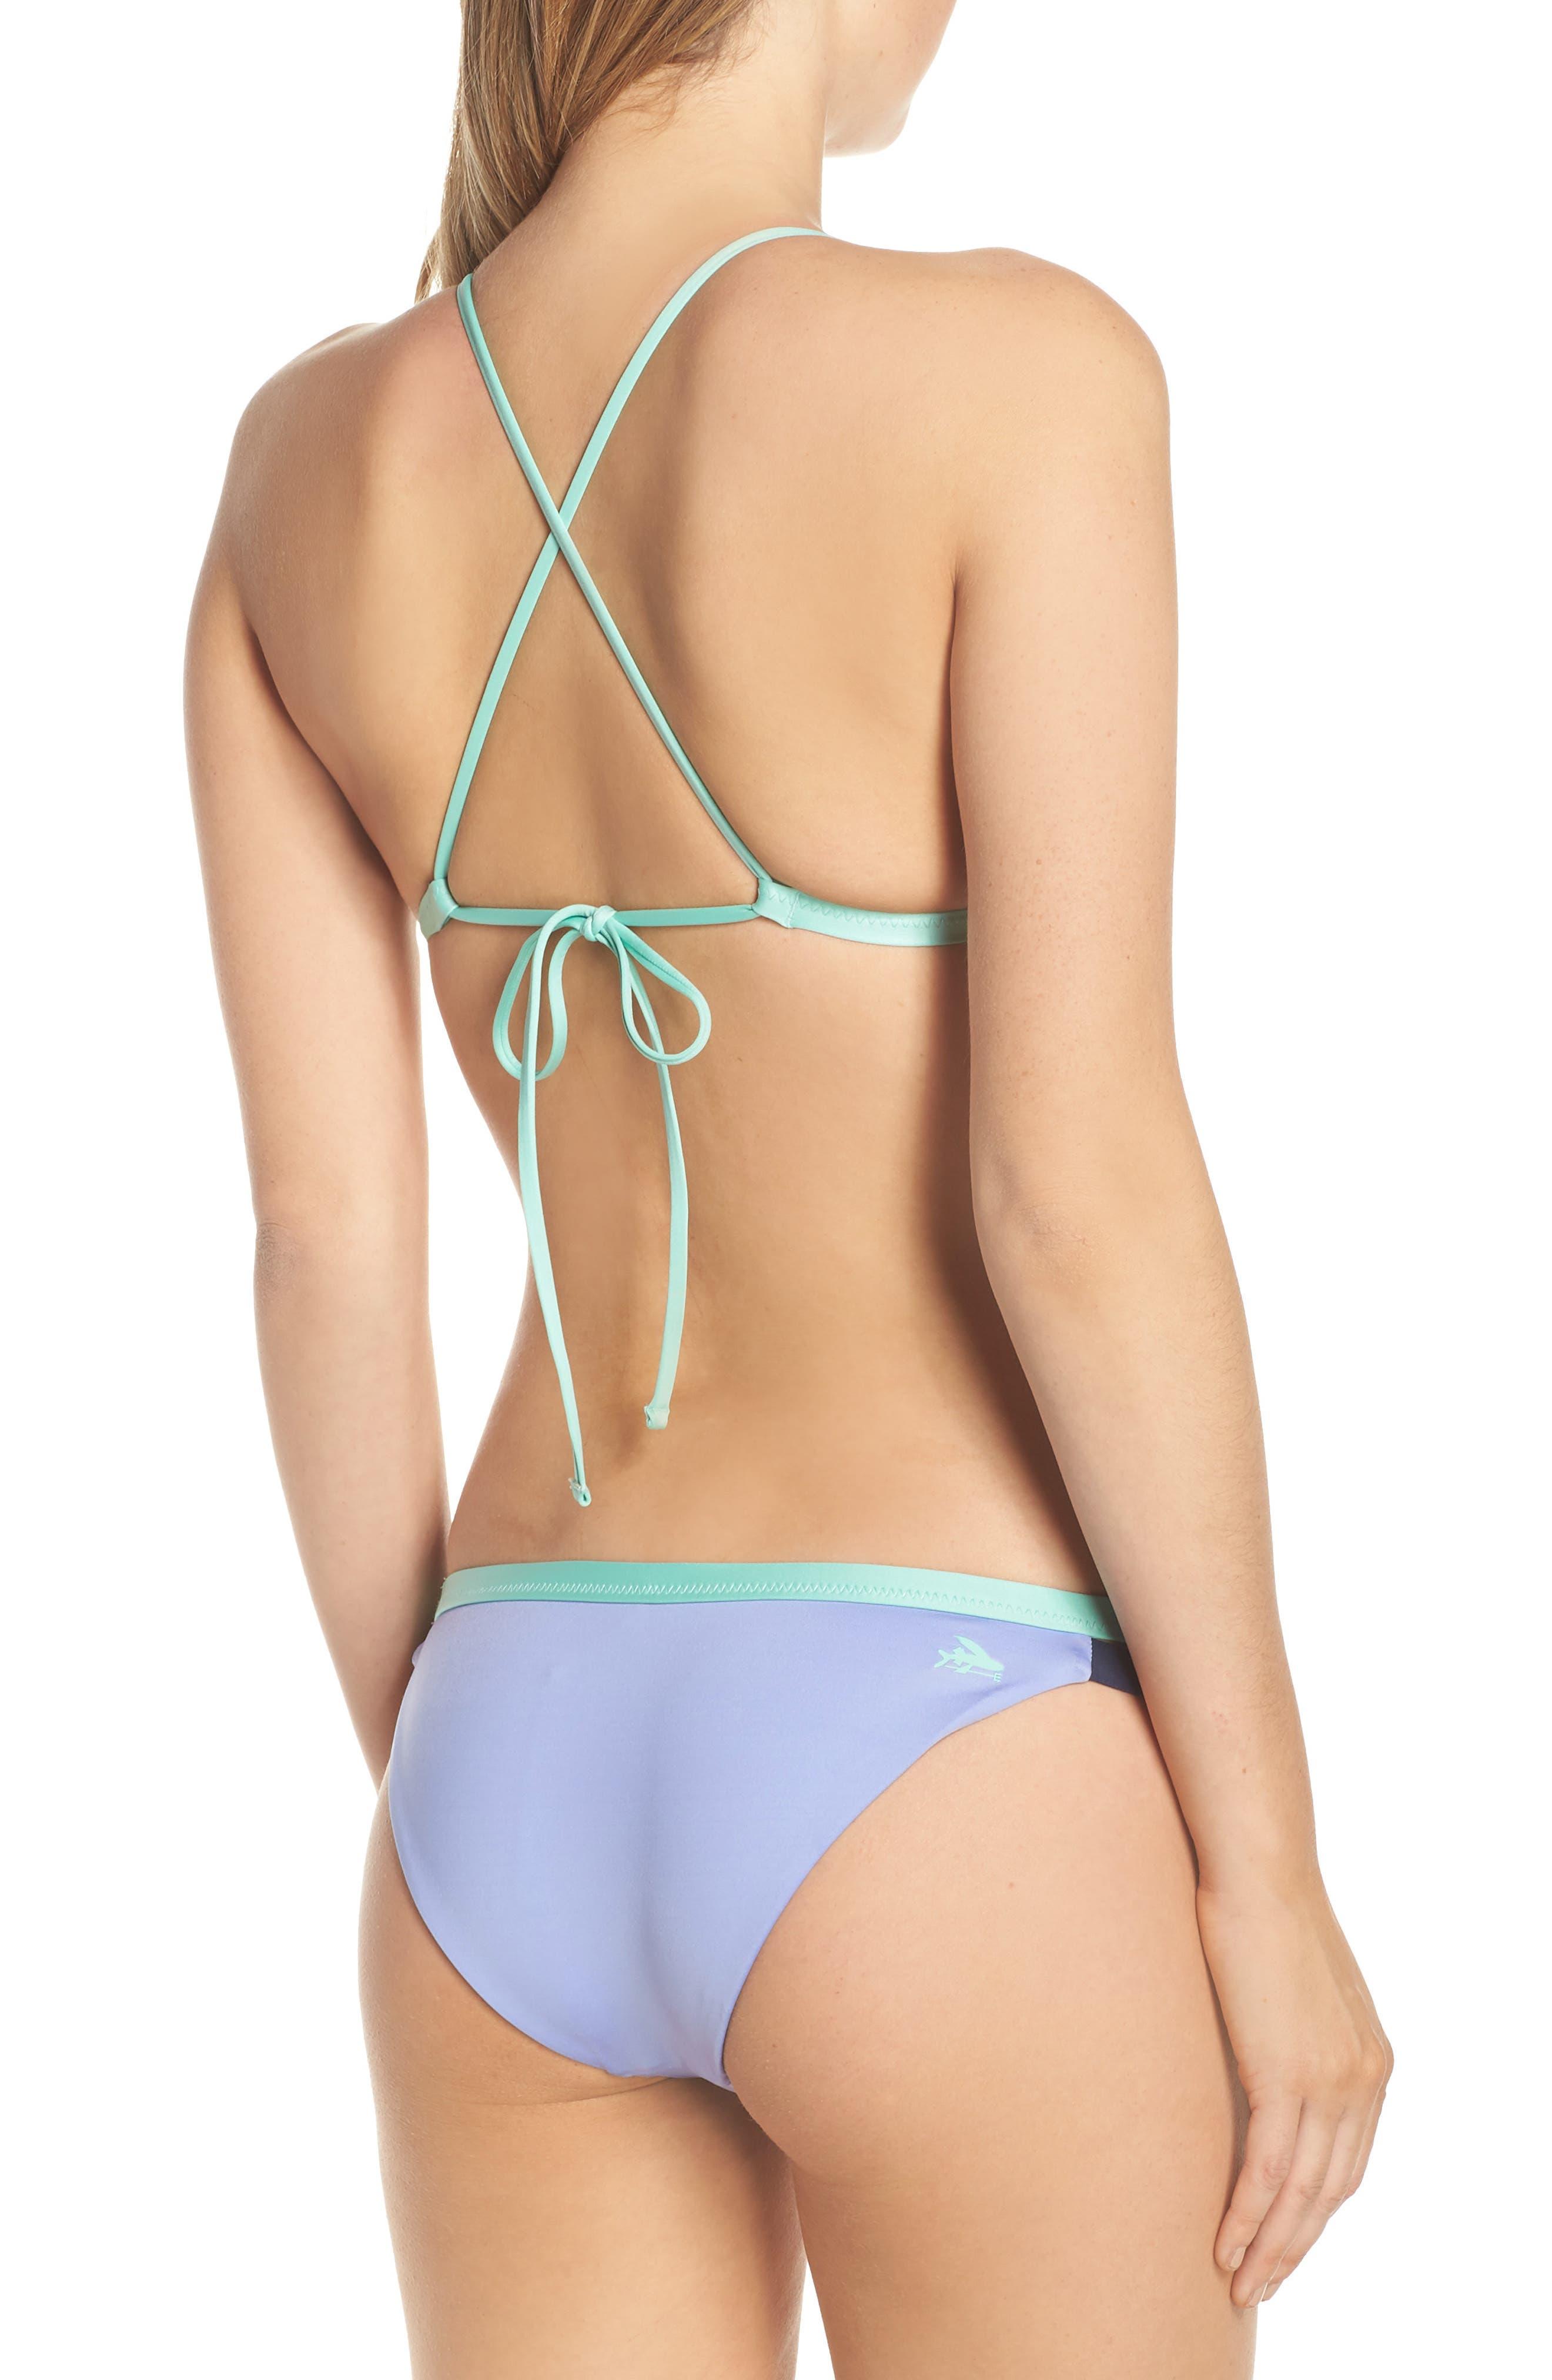 PATAGONIA, Nanogrip Bikini Bottoms, Alternate thumbnail 9, color, LIGHT VIOLET BLUE